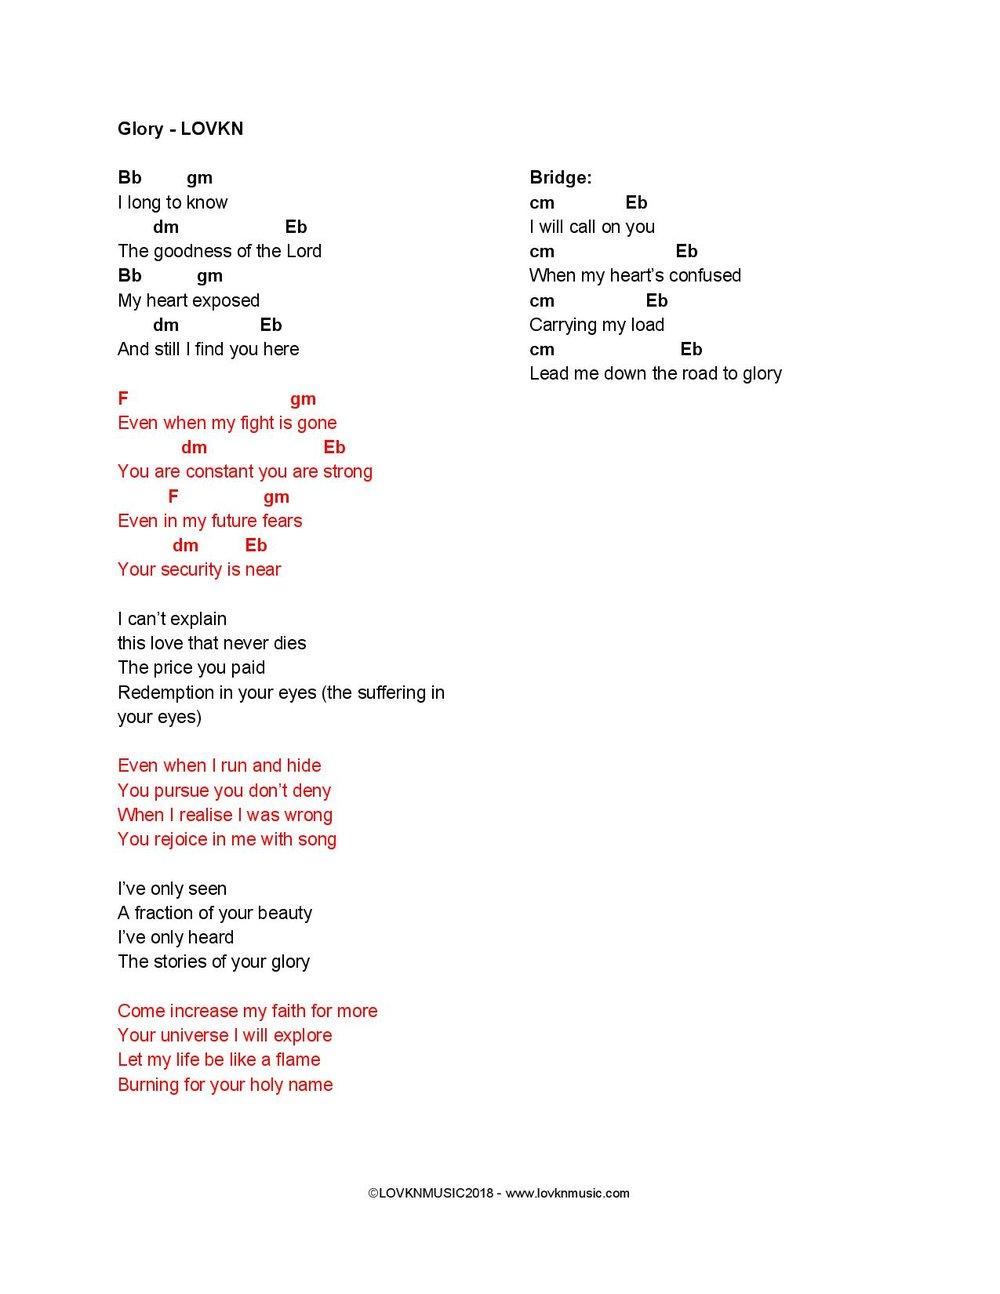 Glory-page-001.jpg